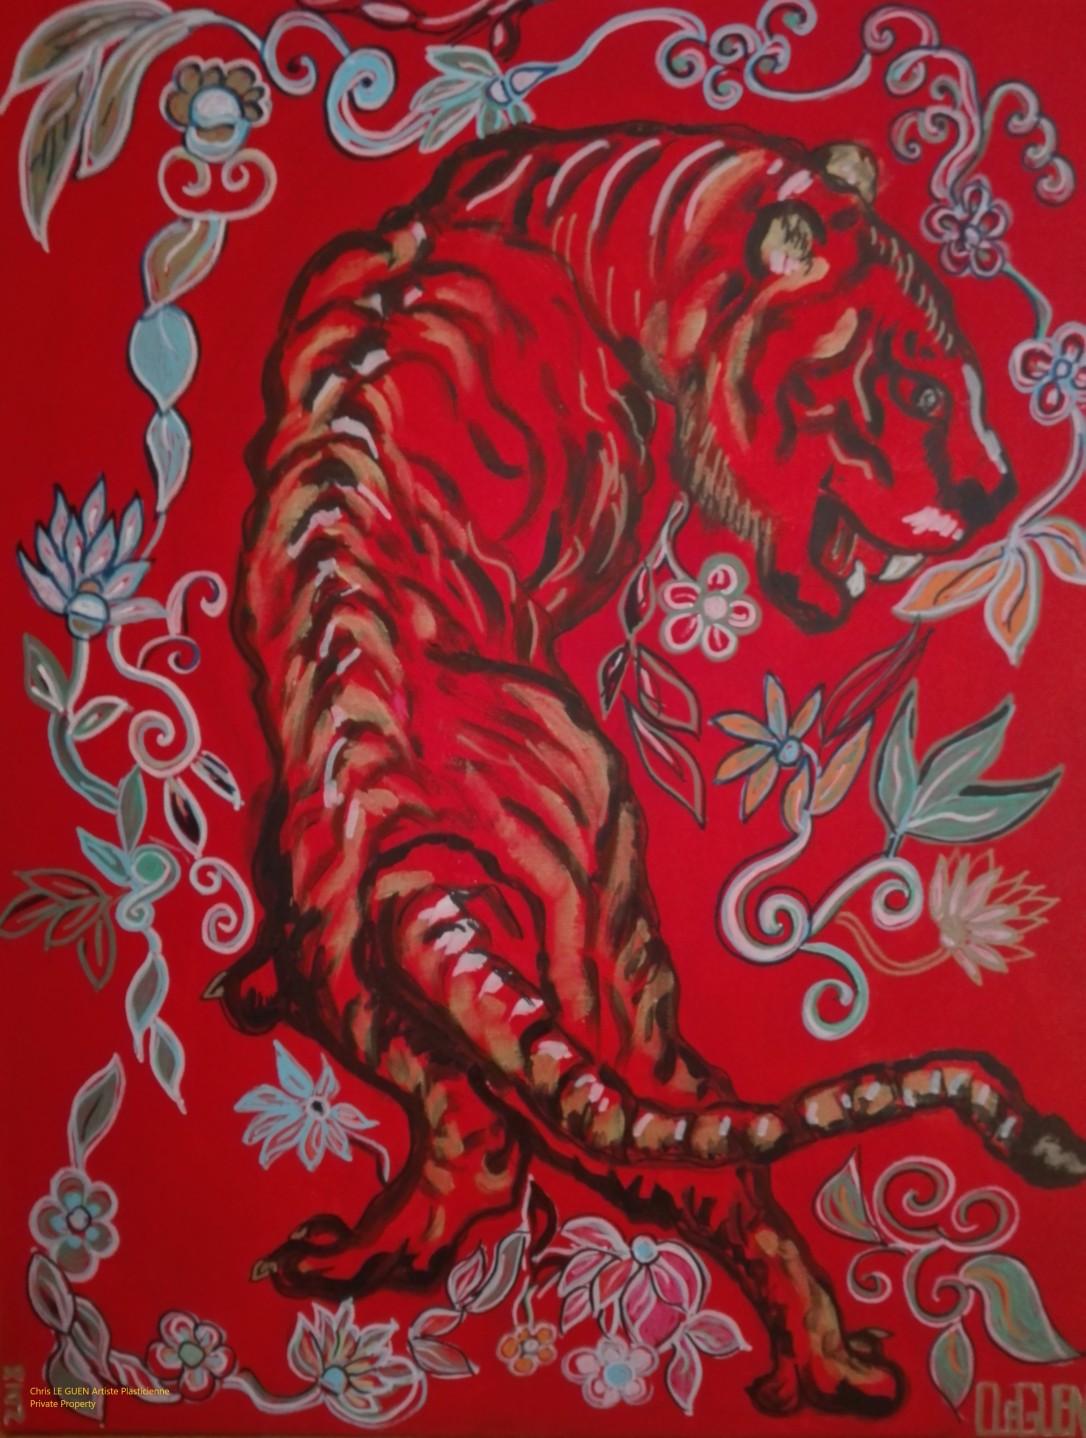 Tigre N°7 a été peint par Chris Le Guen Artiste Plasticienne Peintre et Sculptrice